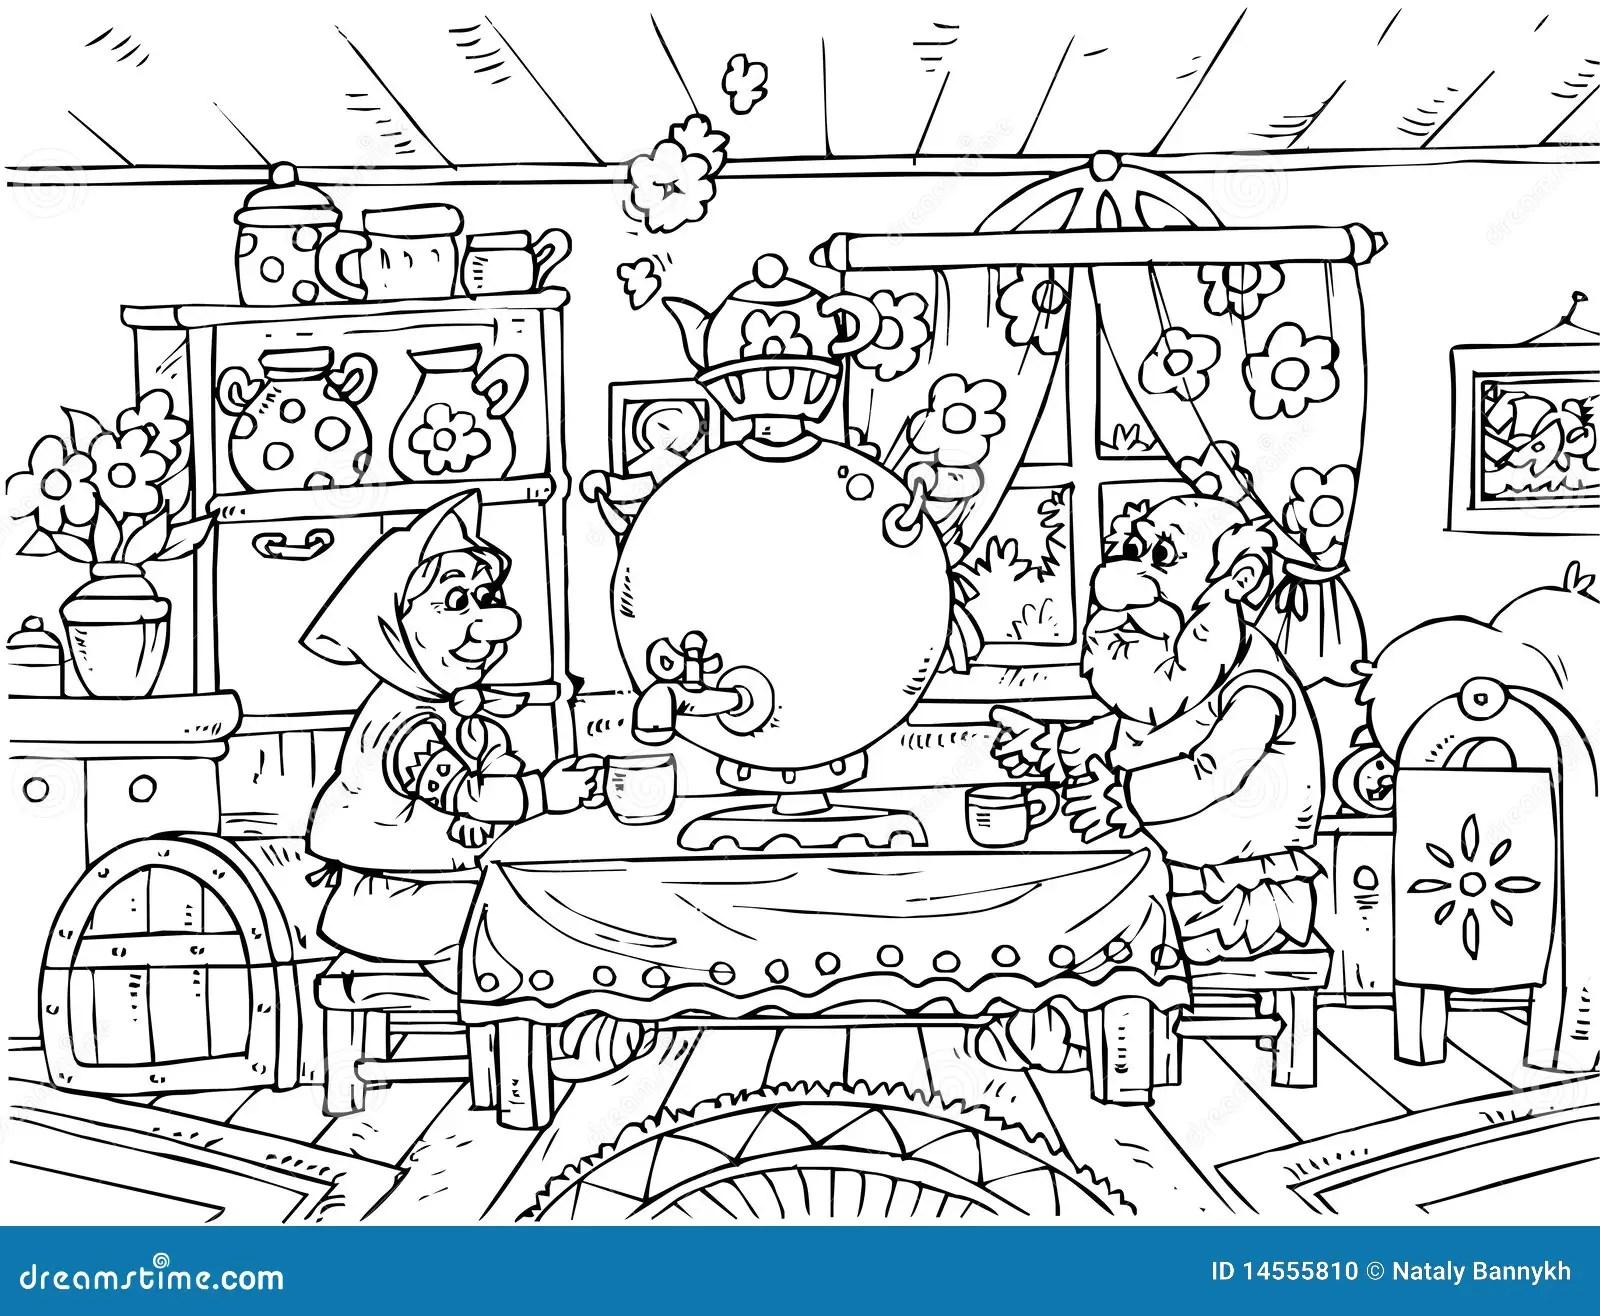 Grandpa Grandma Granddaughter And Big Turnip Royalty